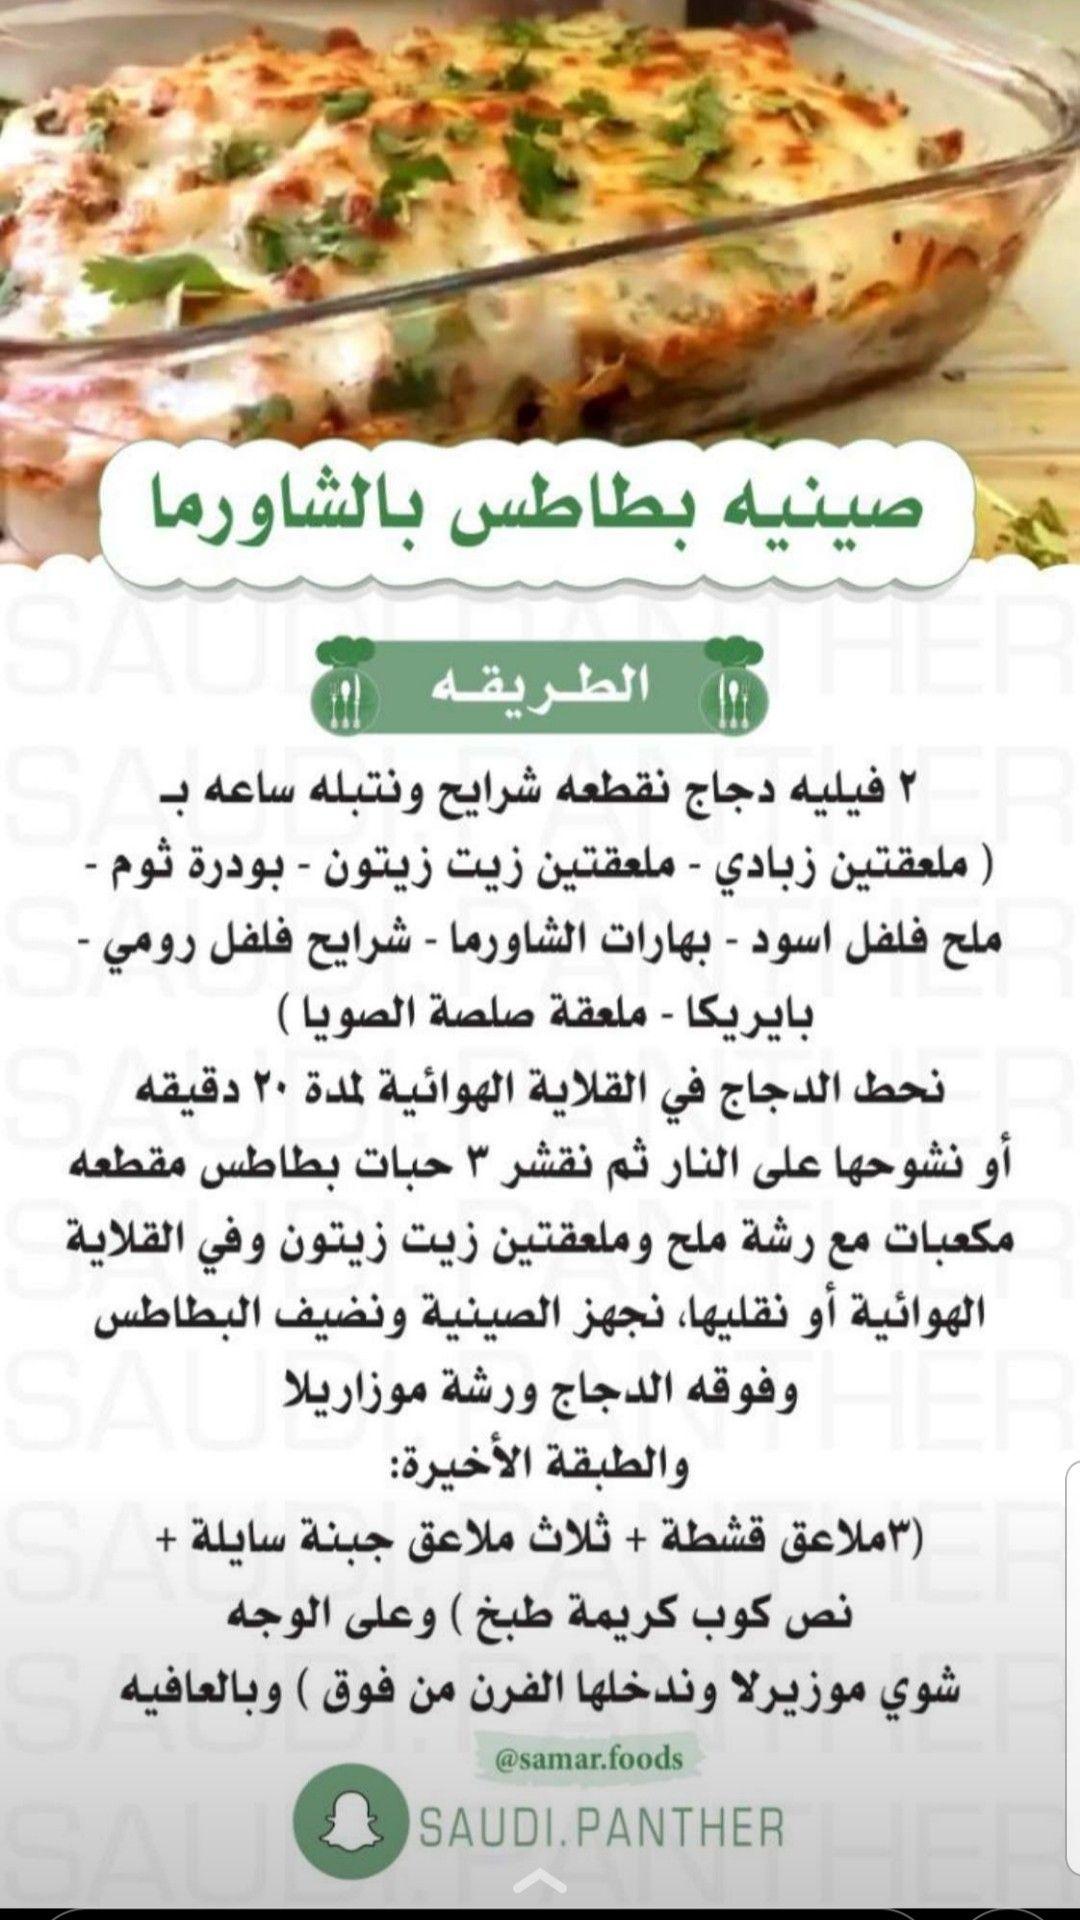 صينية شاورما بالبطاطس Cookout Food Tunisian Food Food Receipes